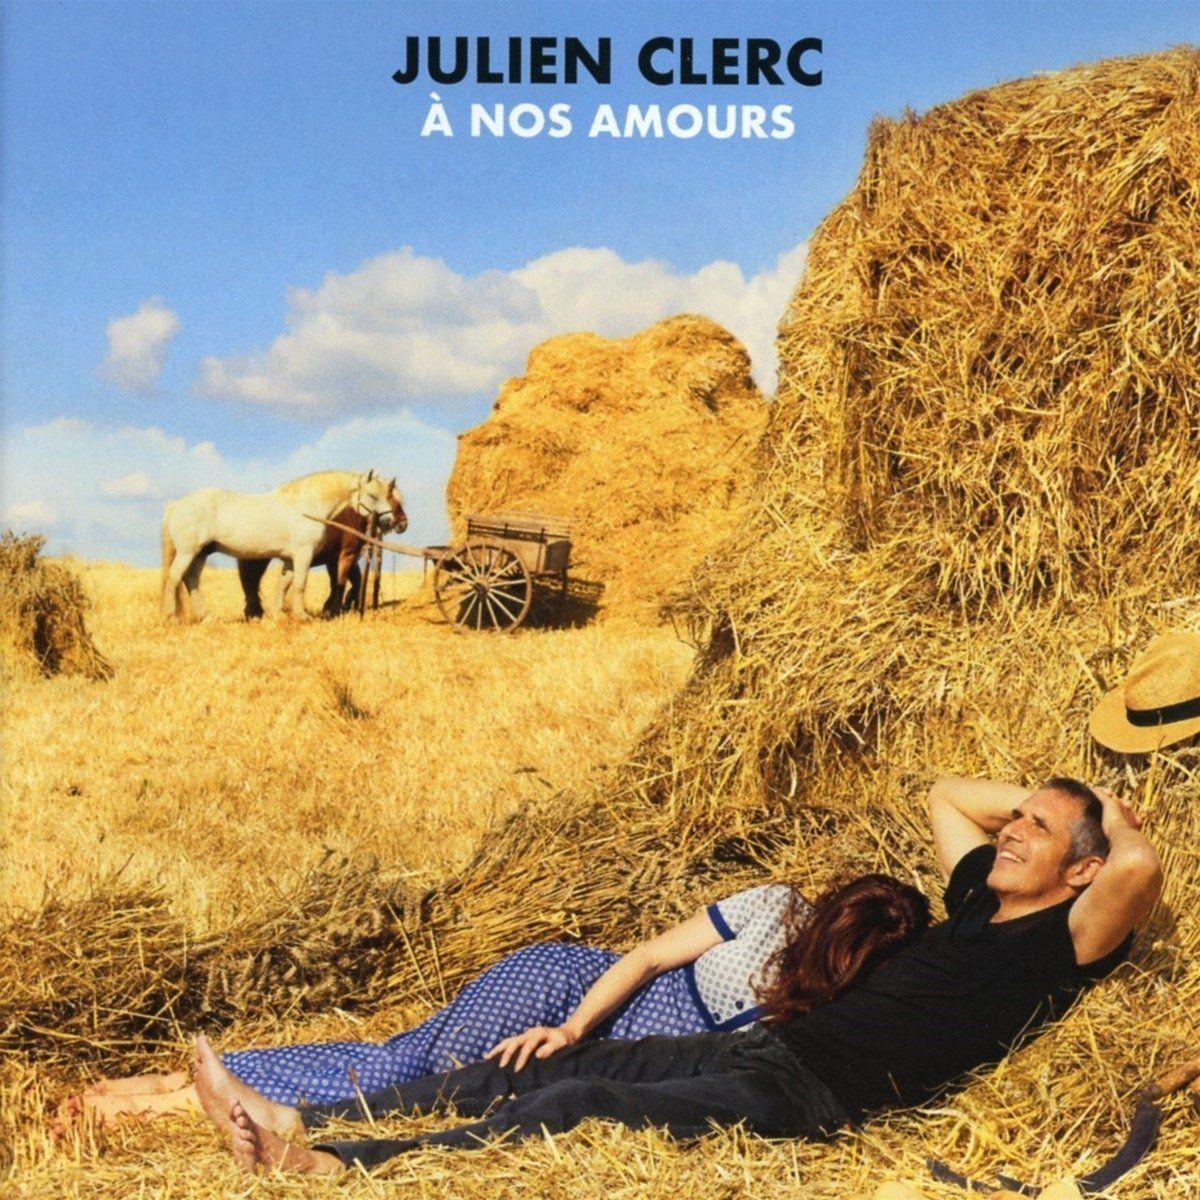 Julien Clerc - A Nos Amours (edition Limitee) album cover